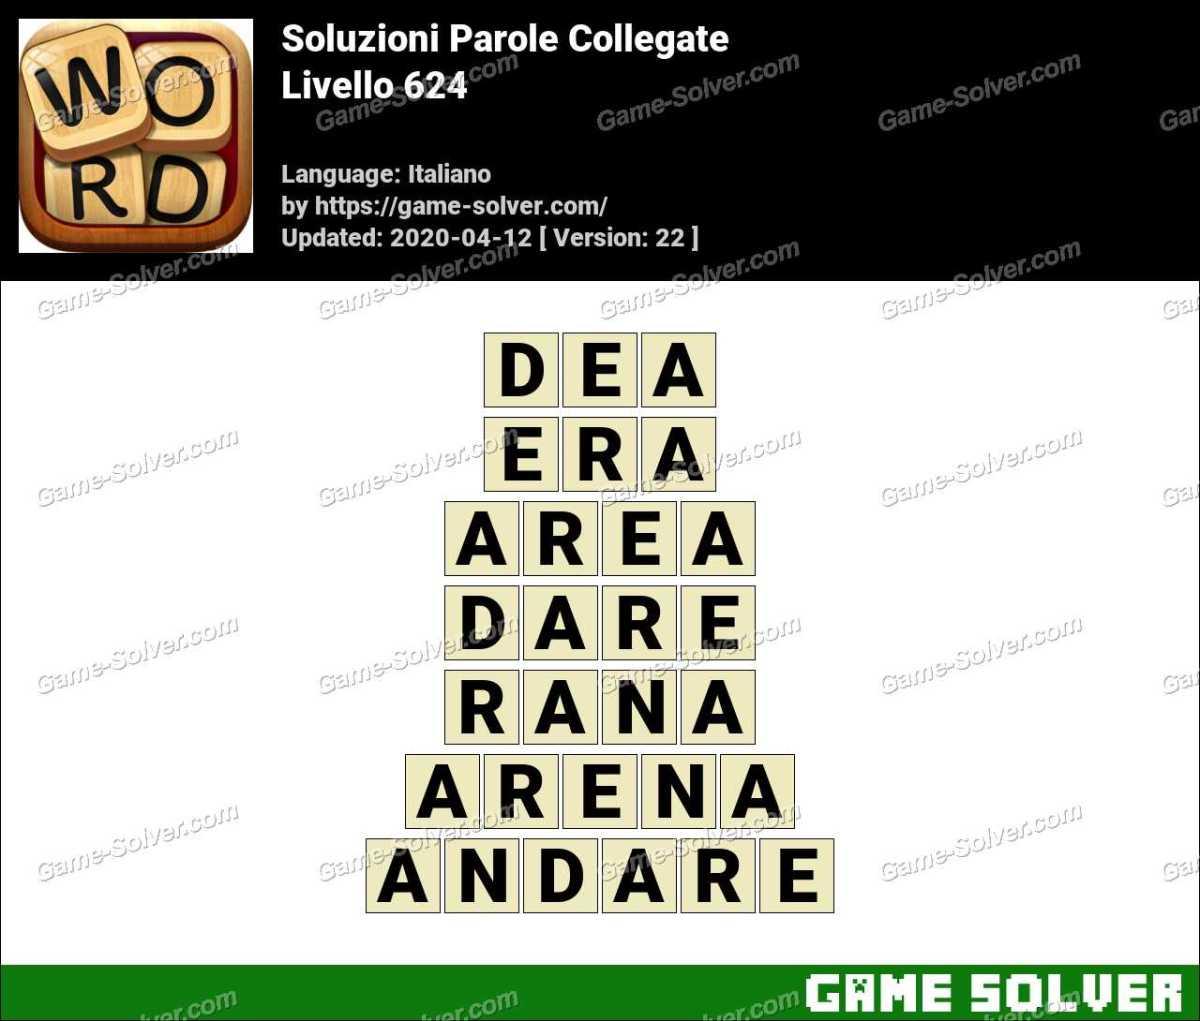 Soluzioni Parole Collegate Livello 624